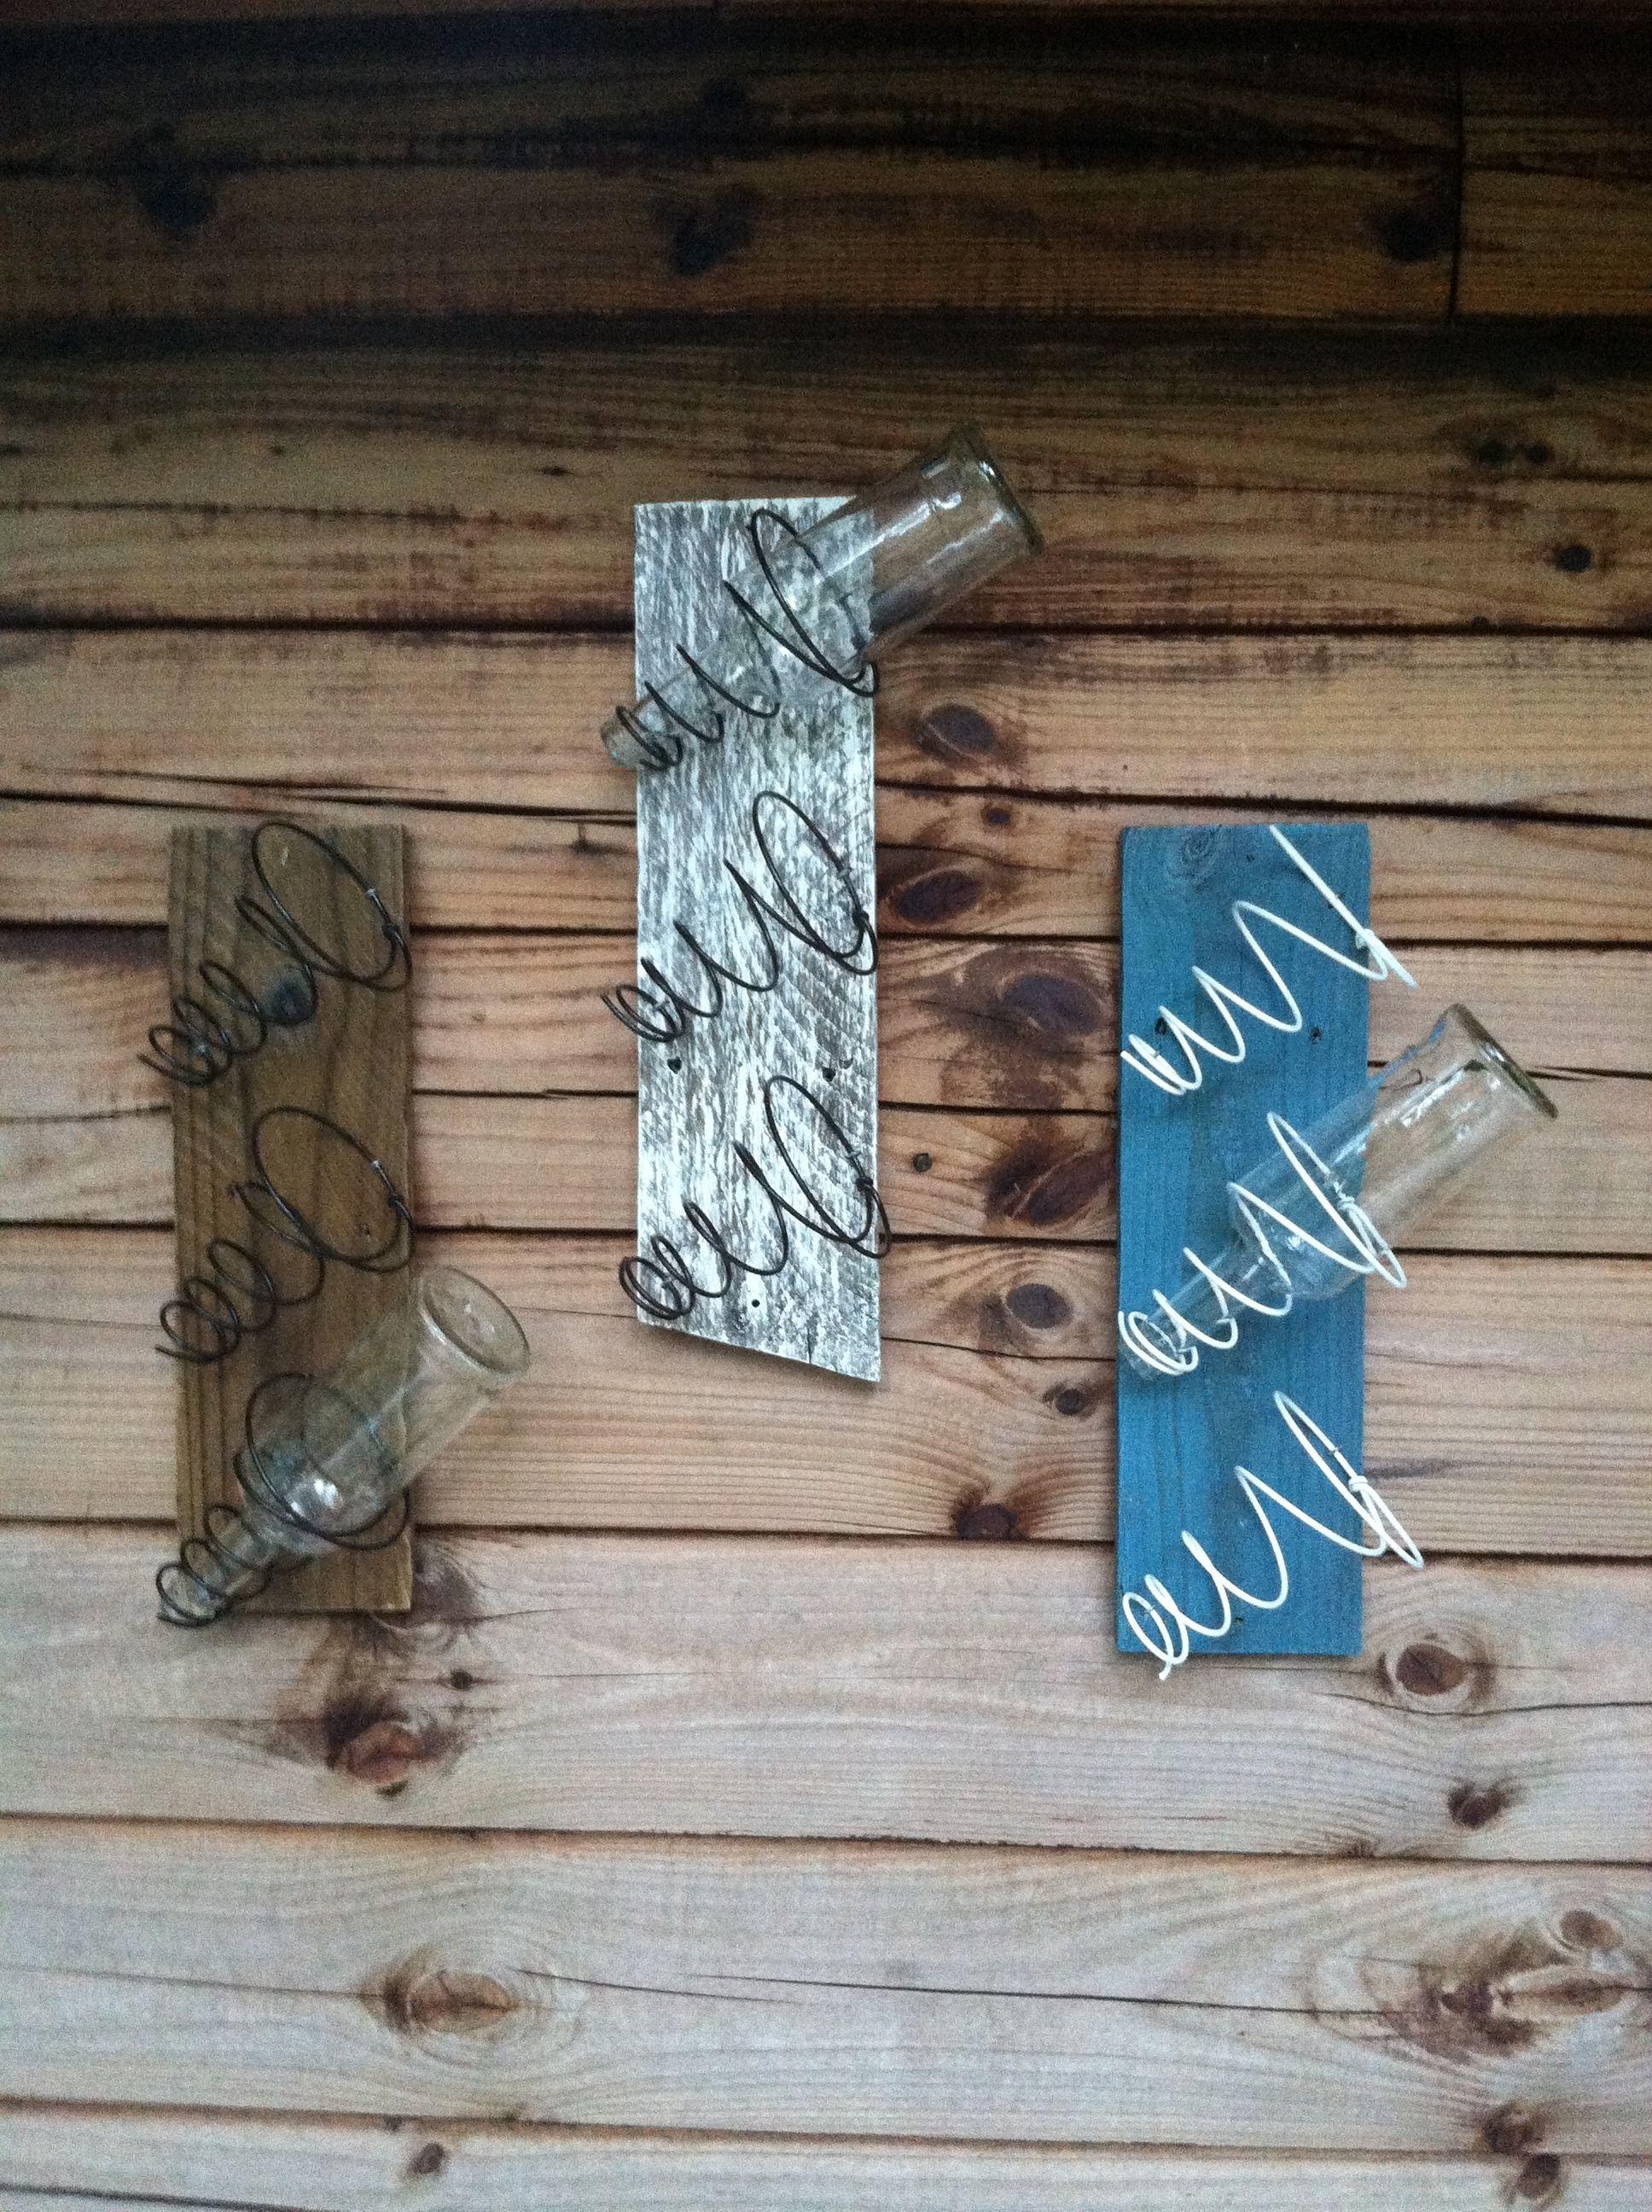 Pin By Terri Bruckner On Wine Racks Bed Spring Crafts